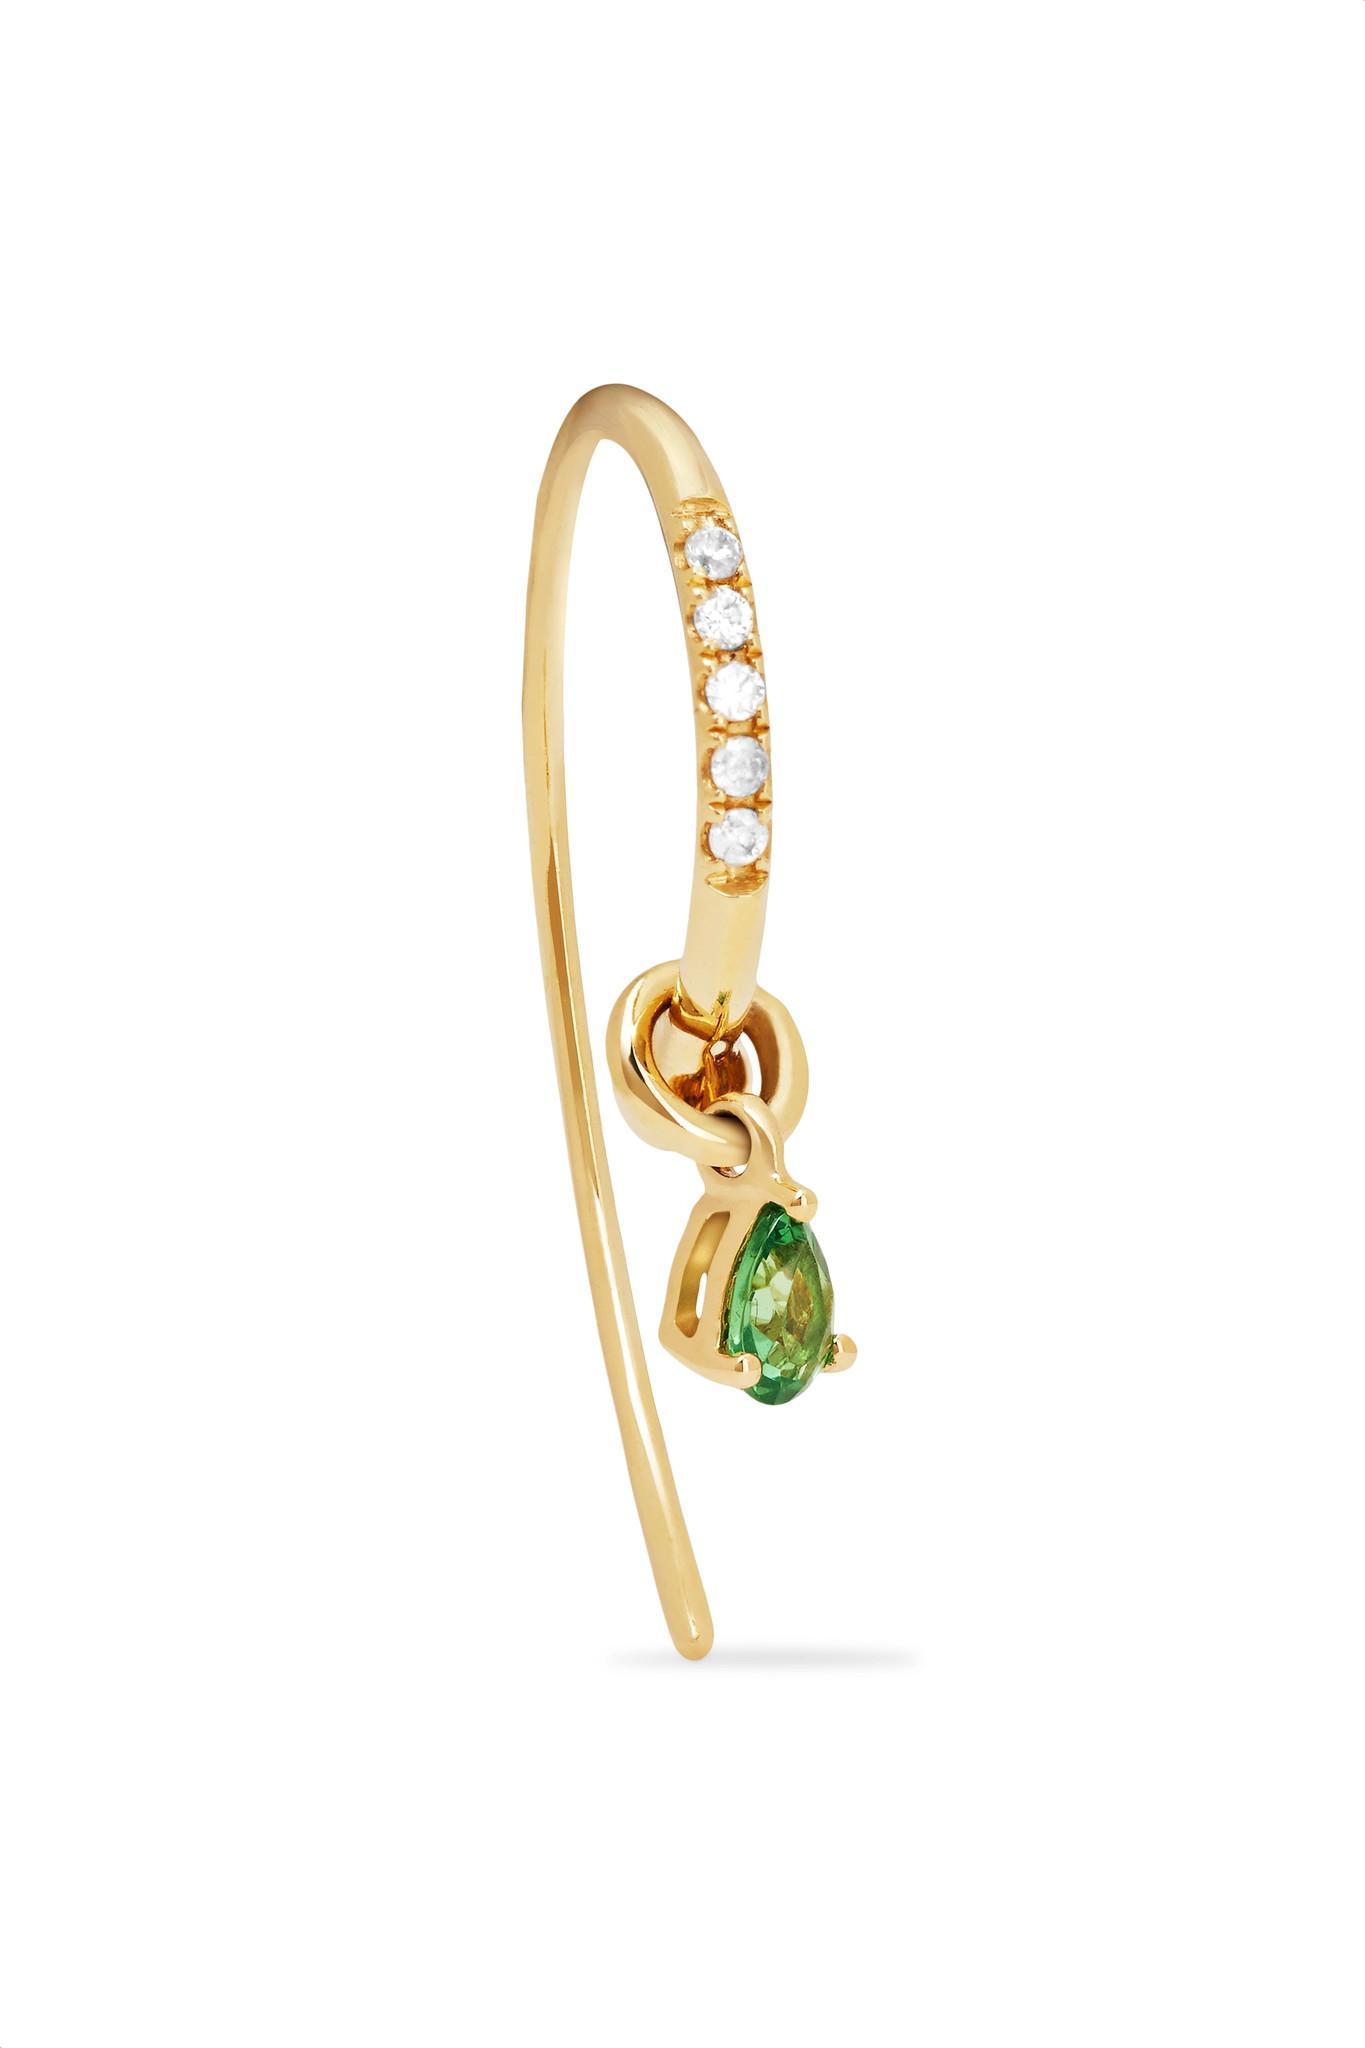 18k yellow gold Bo Pince De Grabe diamond earring Yvonne L 2qbGlan